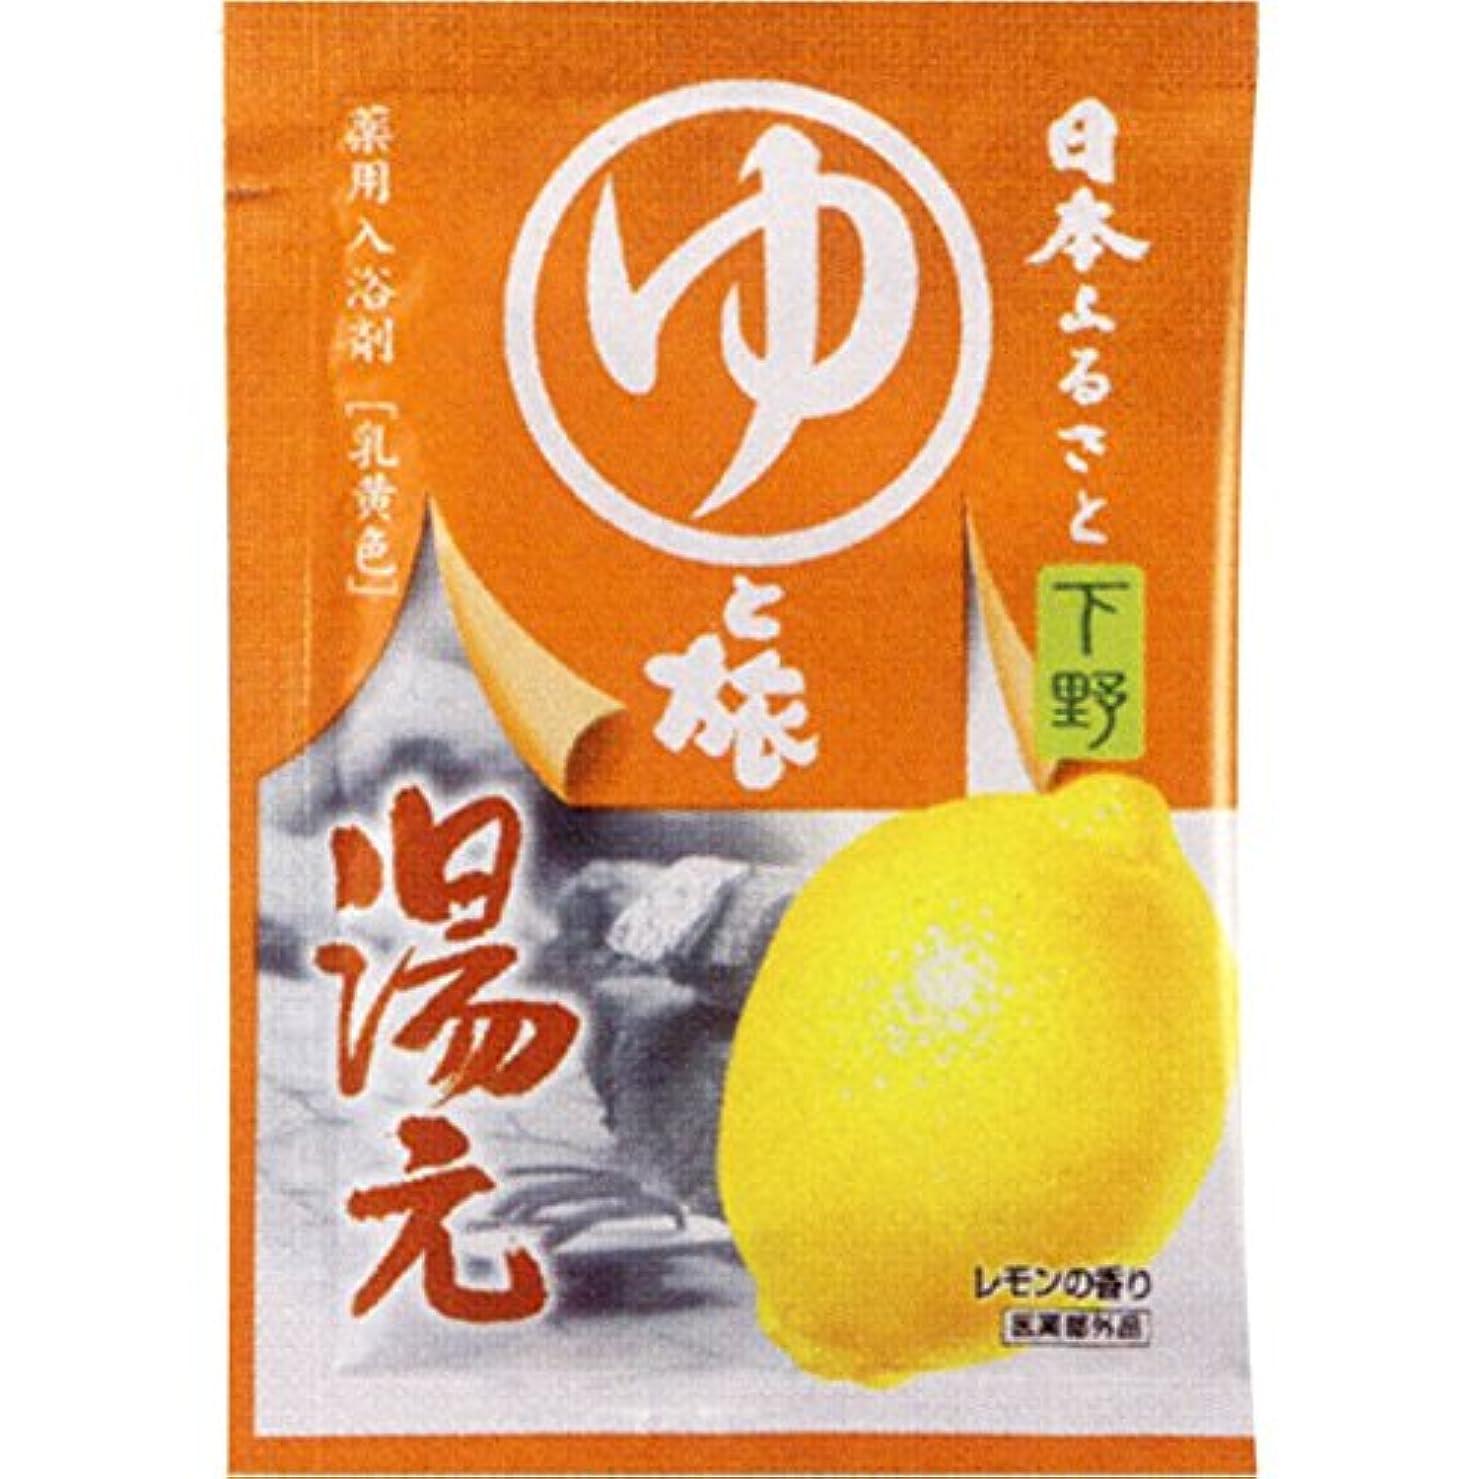 毛細血管相関する毒液ヤマサキ 日本ふるさとゆと旅 湯元 30g (医薬部外品)